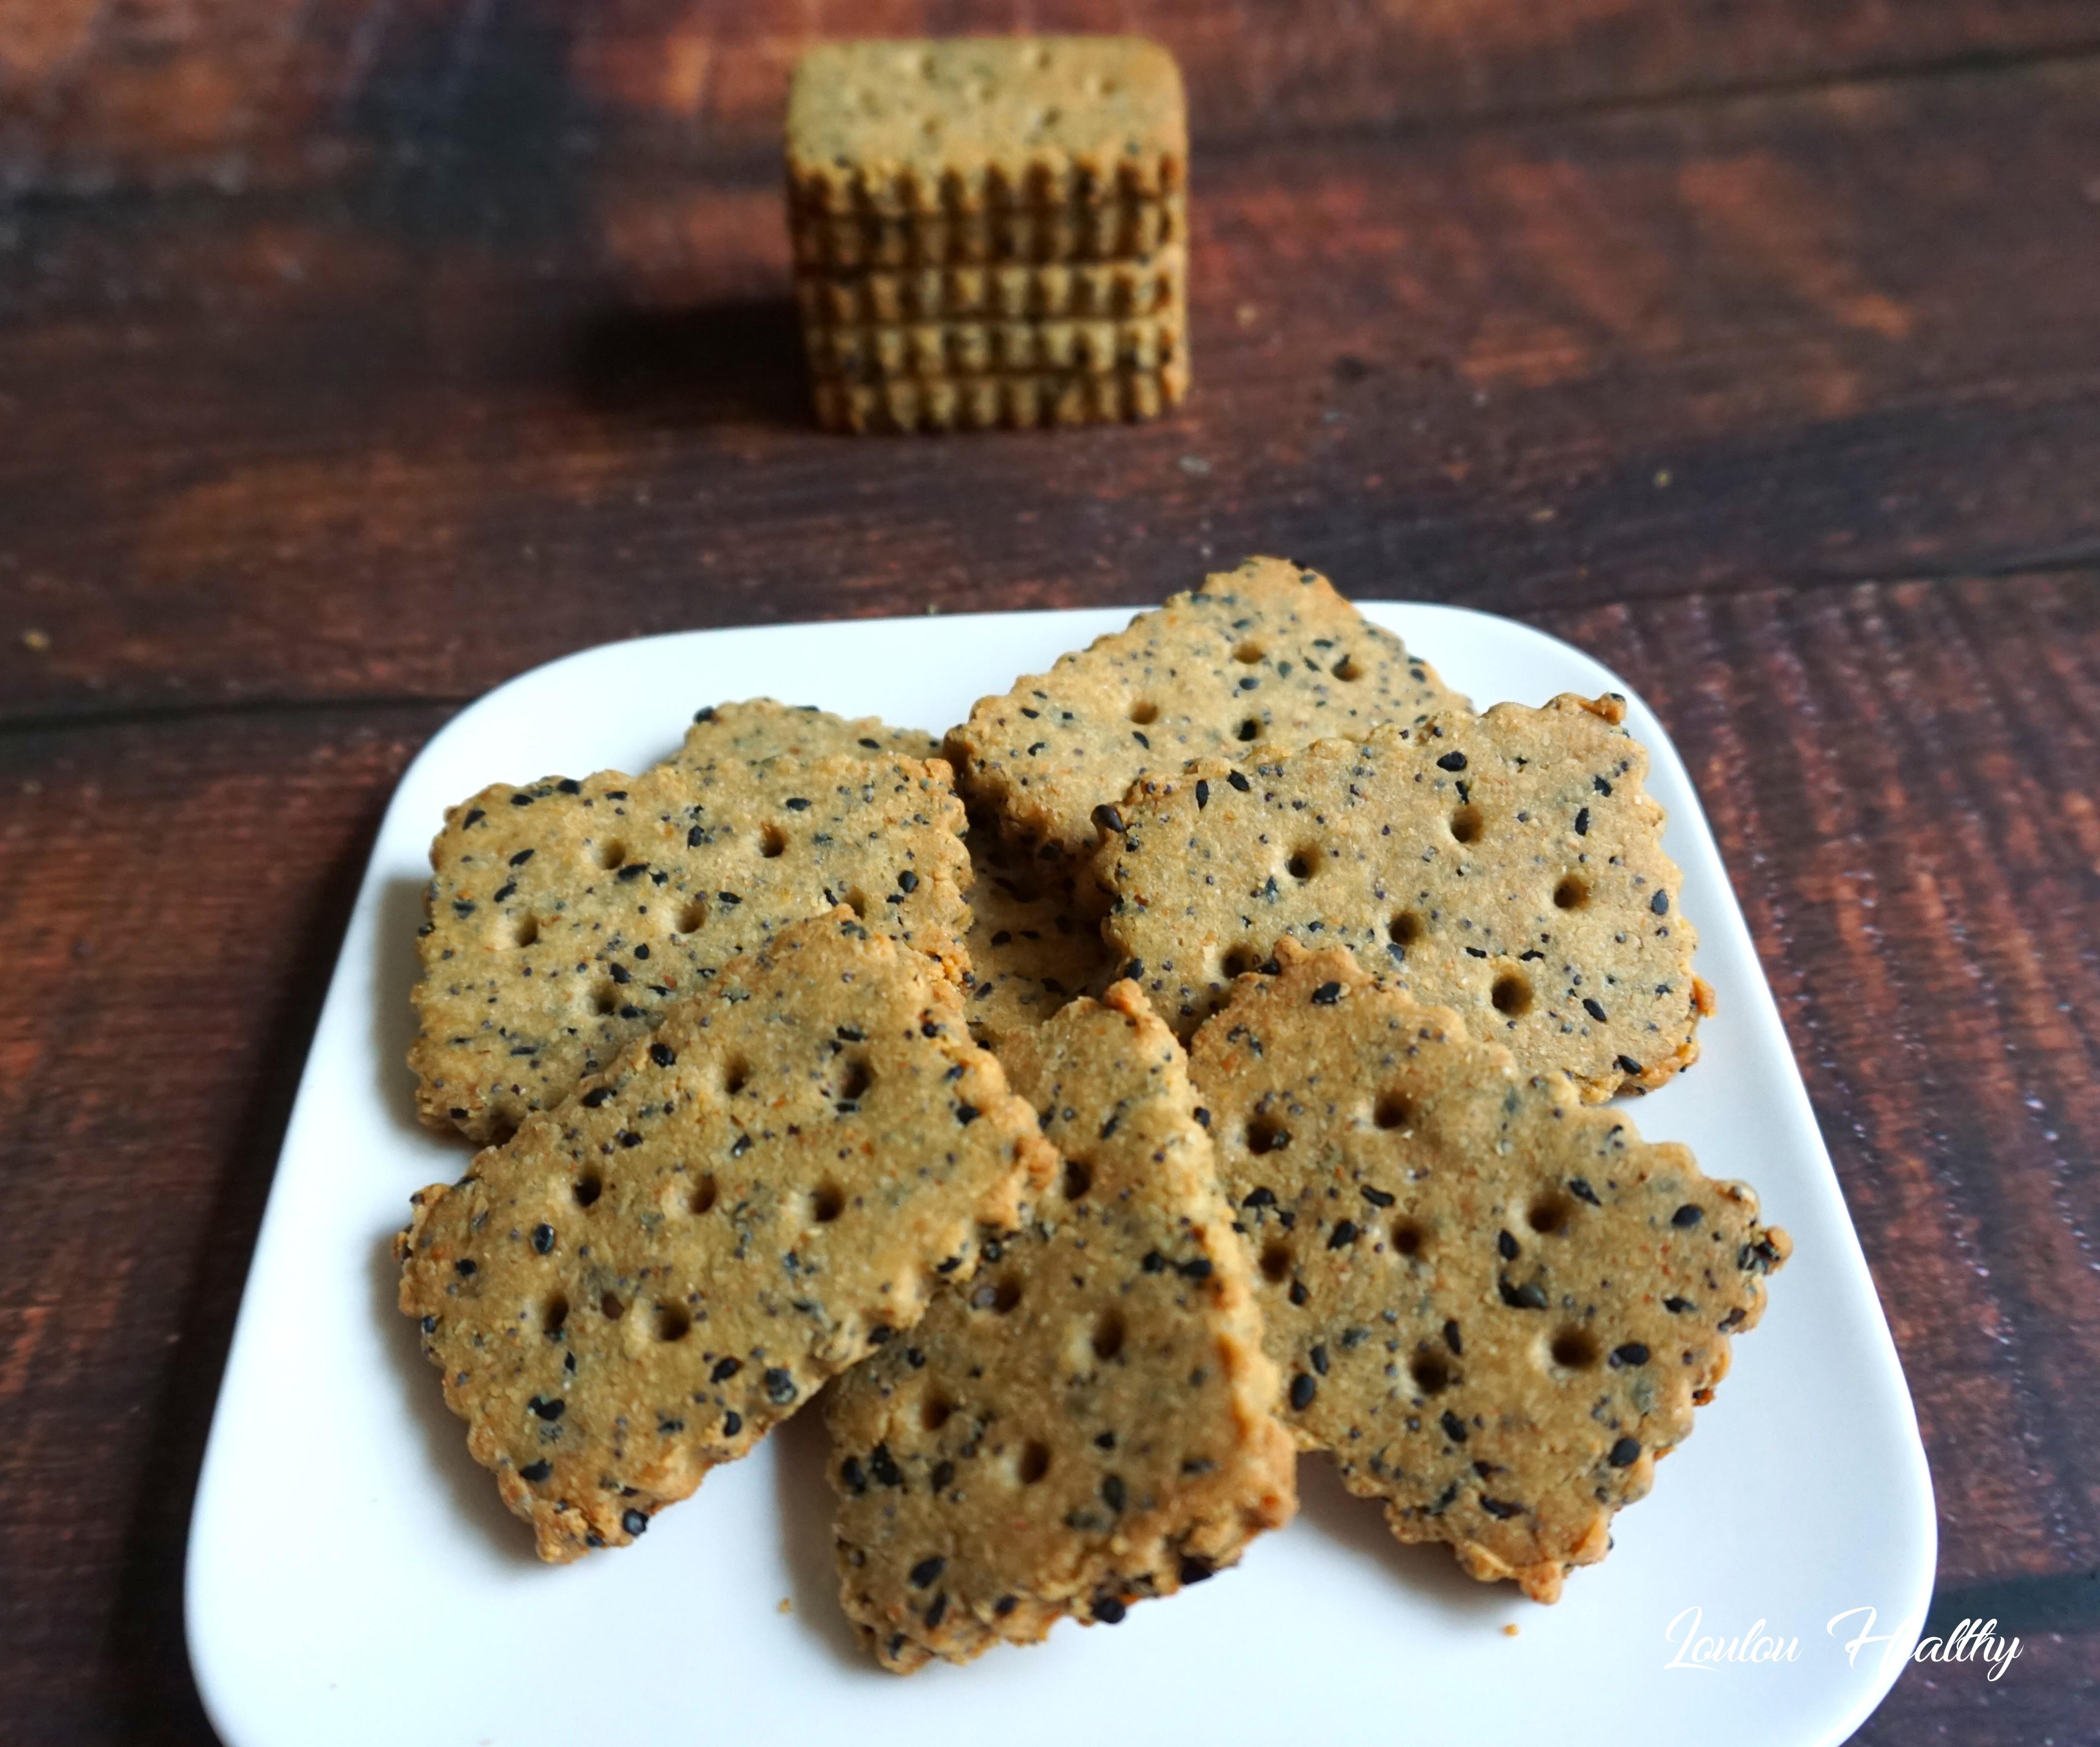 biscuits aux graines noires